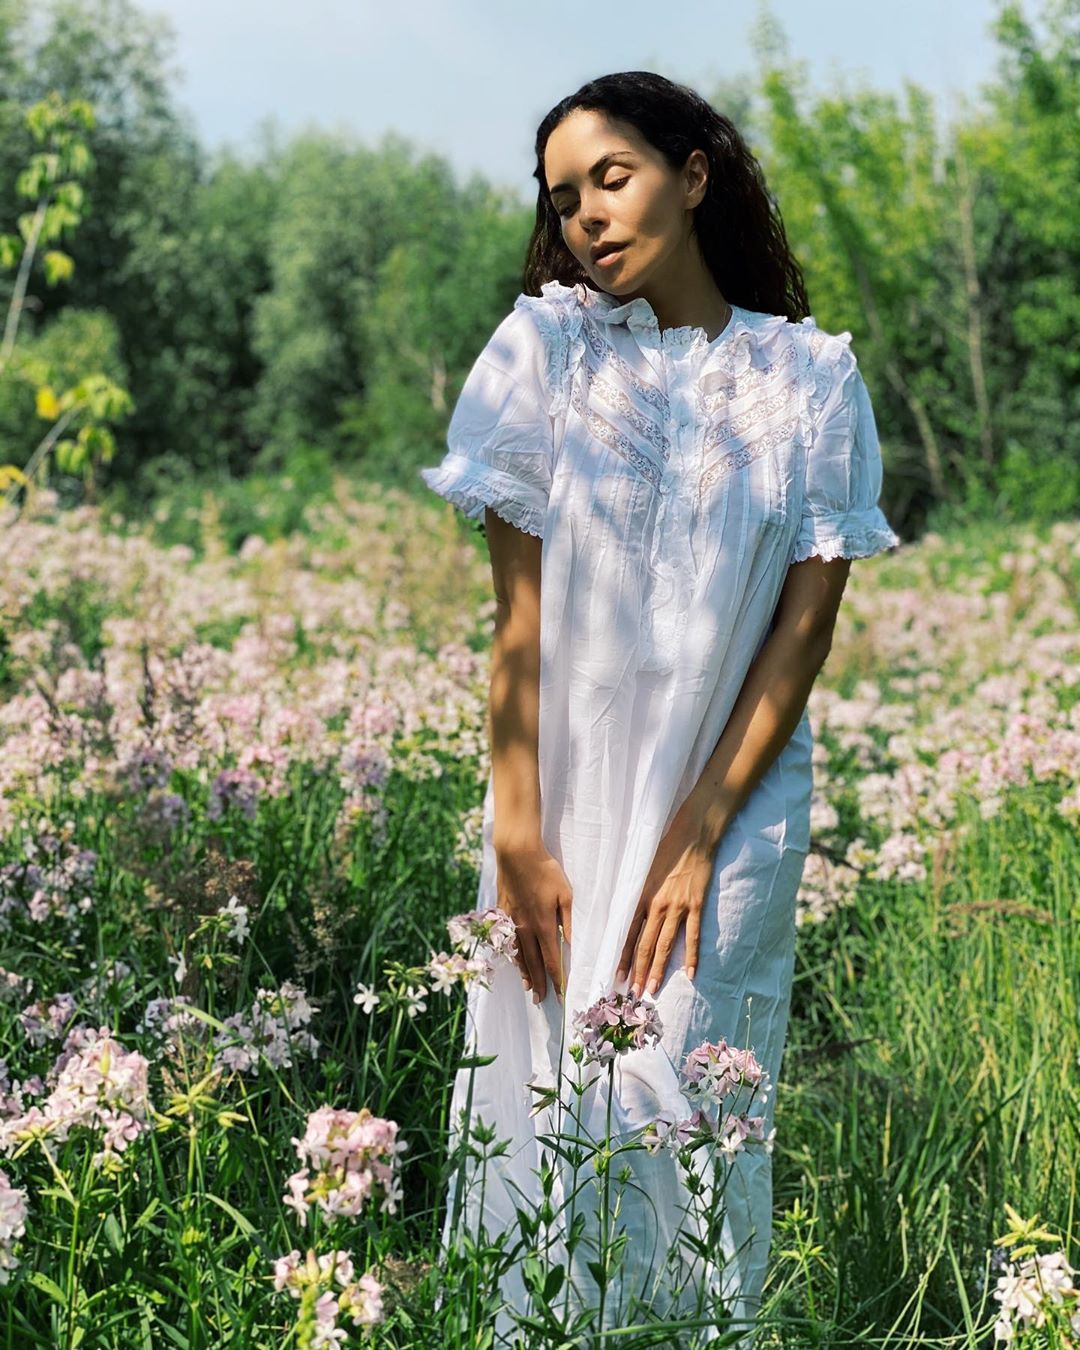 Настя Каменских сделала откровенную фотосессию в белой сорочке в деревне